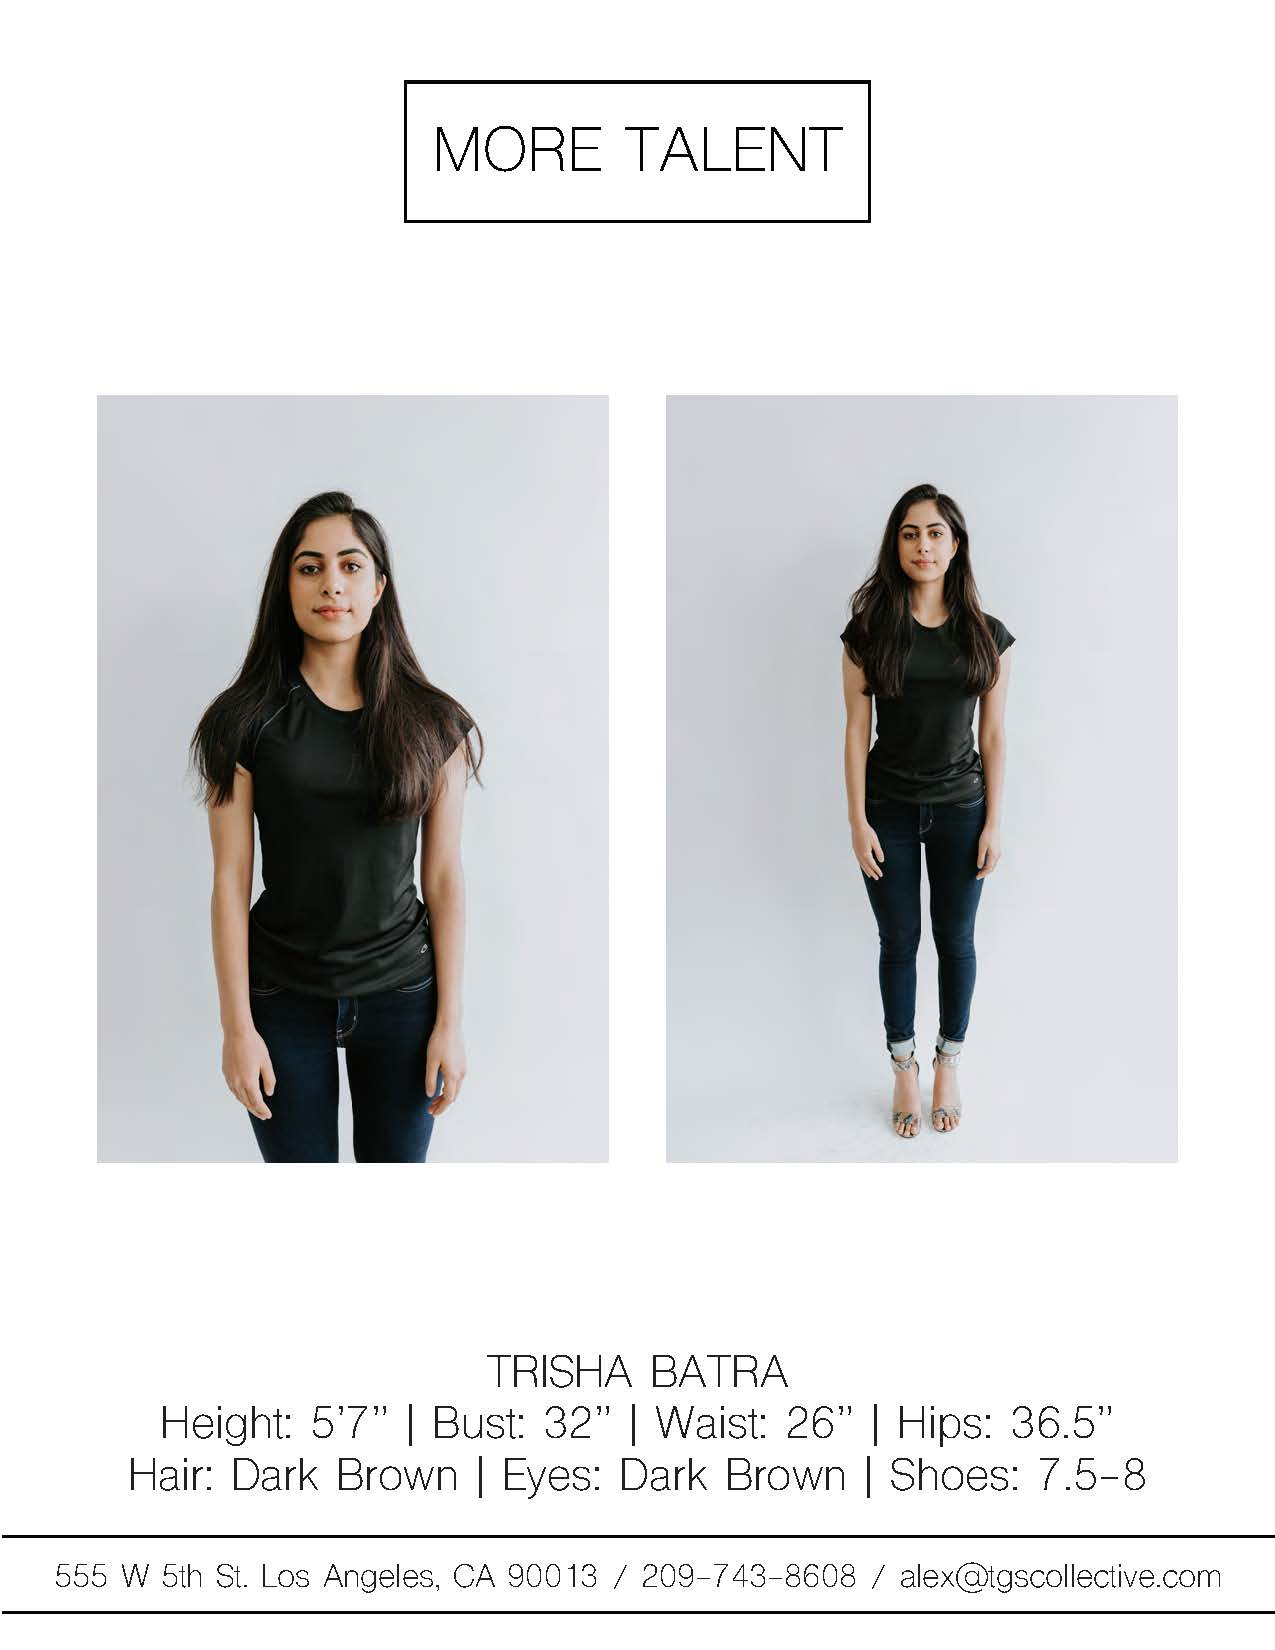 TRISHA BATRA MORE TALENT